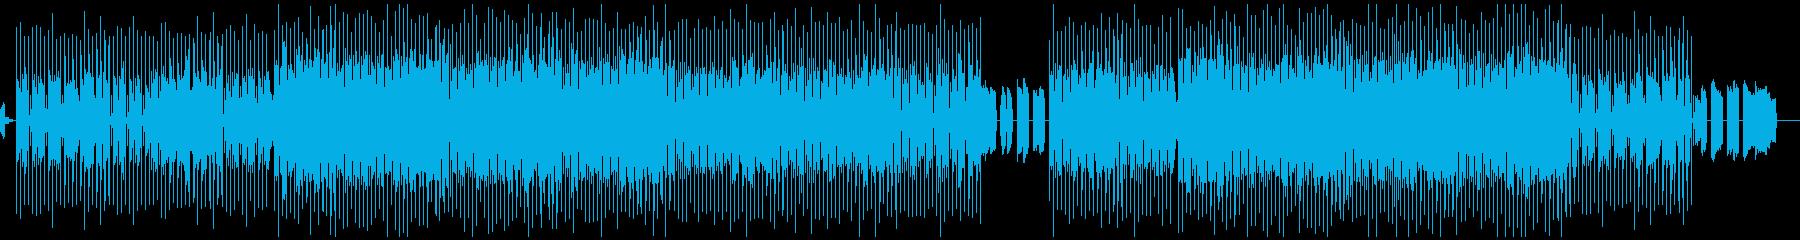 少しお洒落で近未来的な曲の再生済みの波形